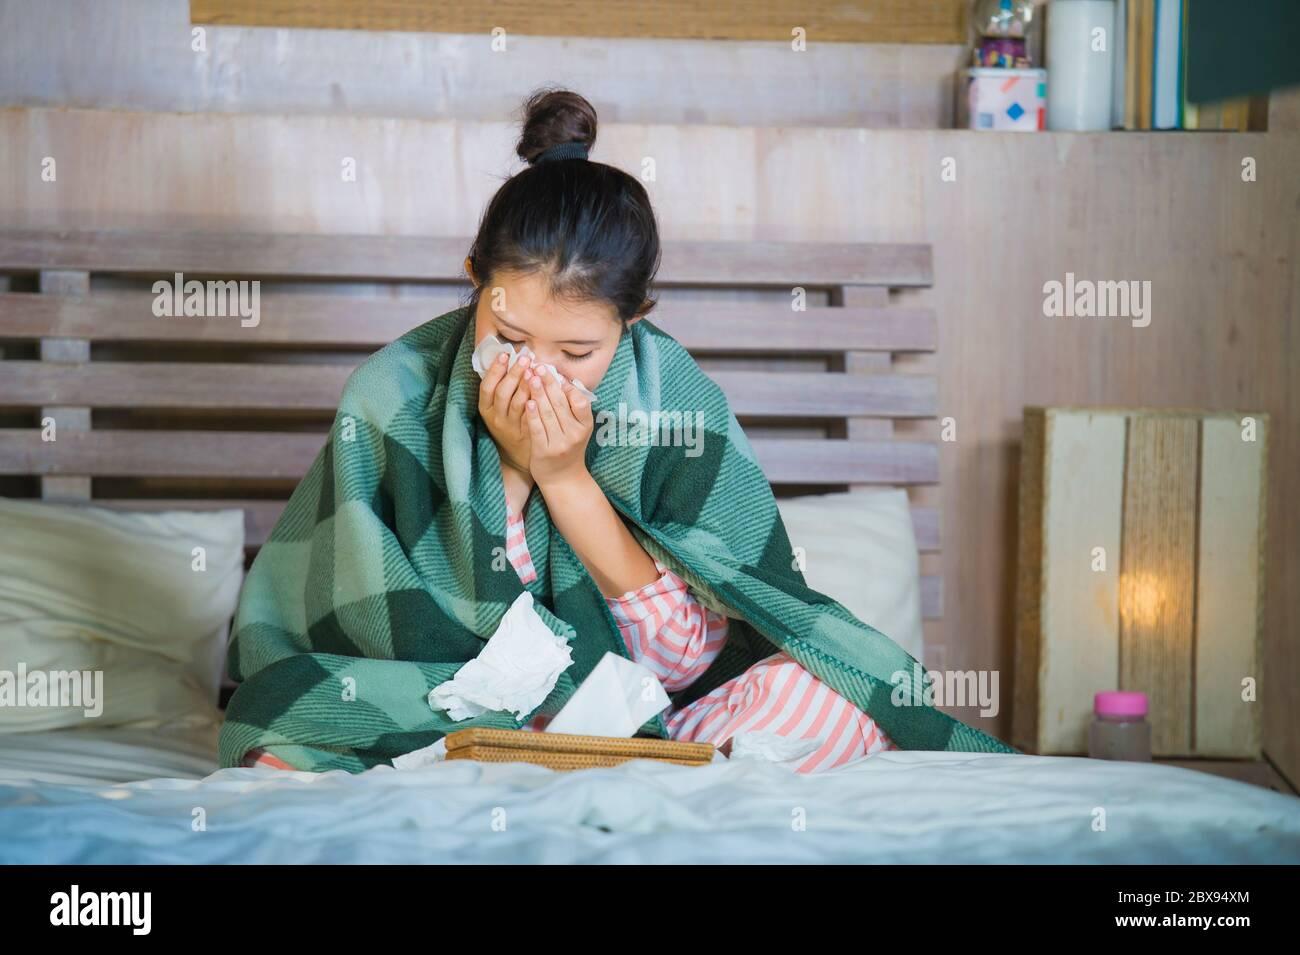 Jeune fille asiatique en pyjama, belle et douce, coréenne malade à la maison chambre à coucher souffrant de froid et de grippe prenant la température avec thermomètre dans le lit soufflant Banque D'Images